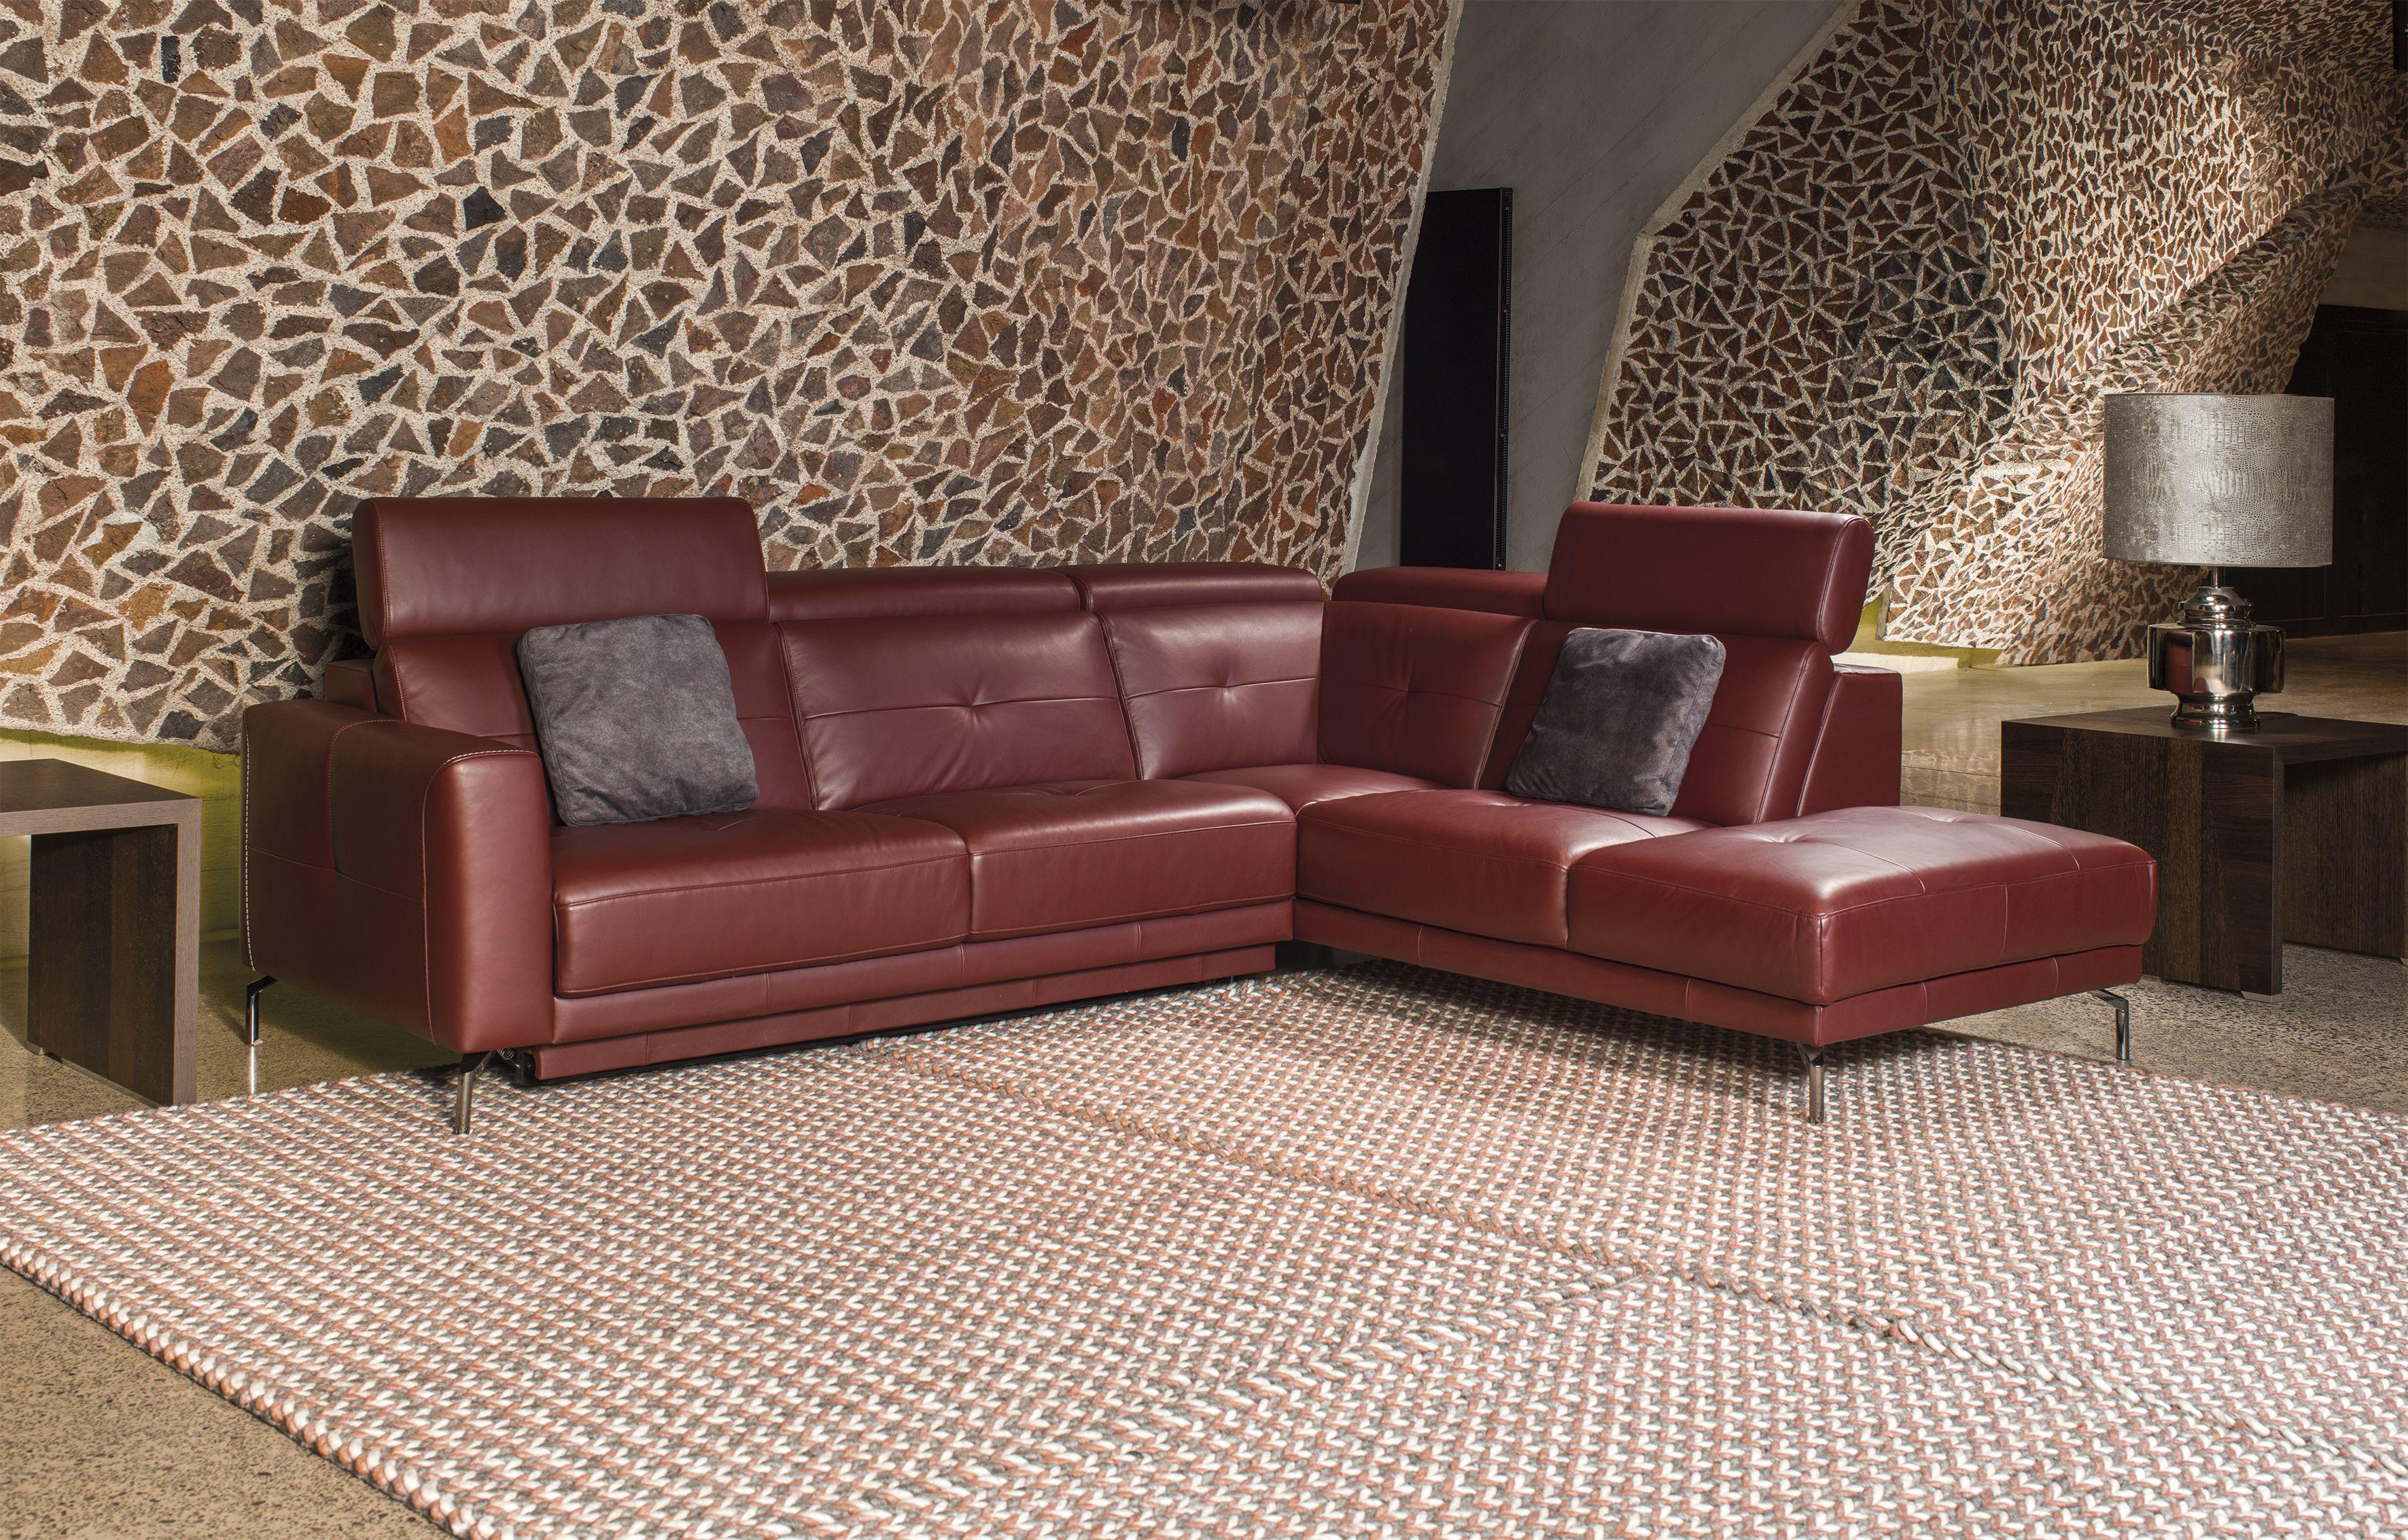 sofa Riposta #kler #sofa #skóra #salon #design #wypoczynek #relaks ...